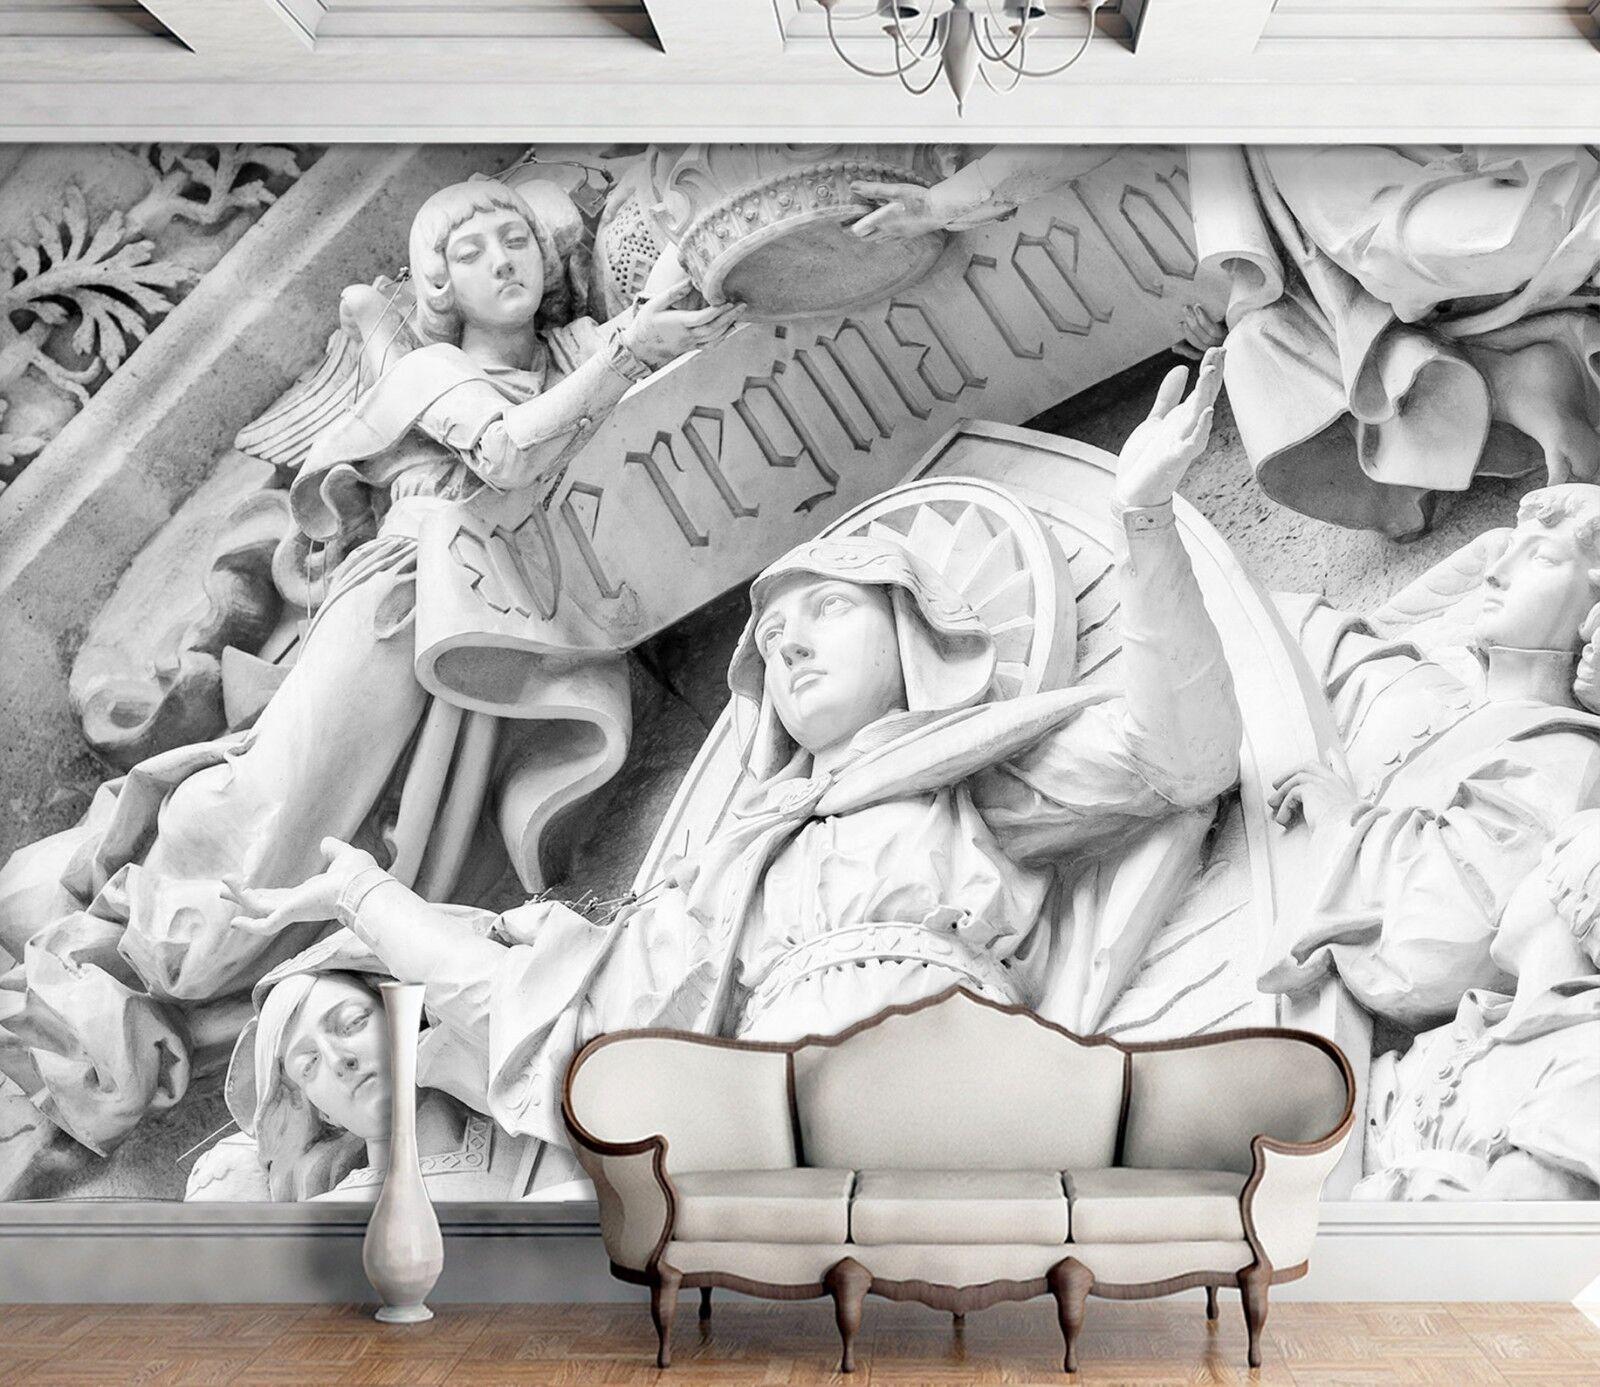 3D Angel Goddess Statue 2 Wallpaper Mural Wall Print Decal Indoor Murals AU